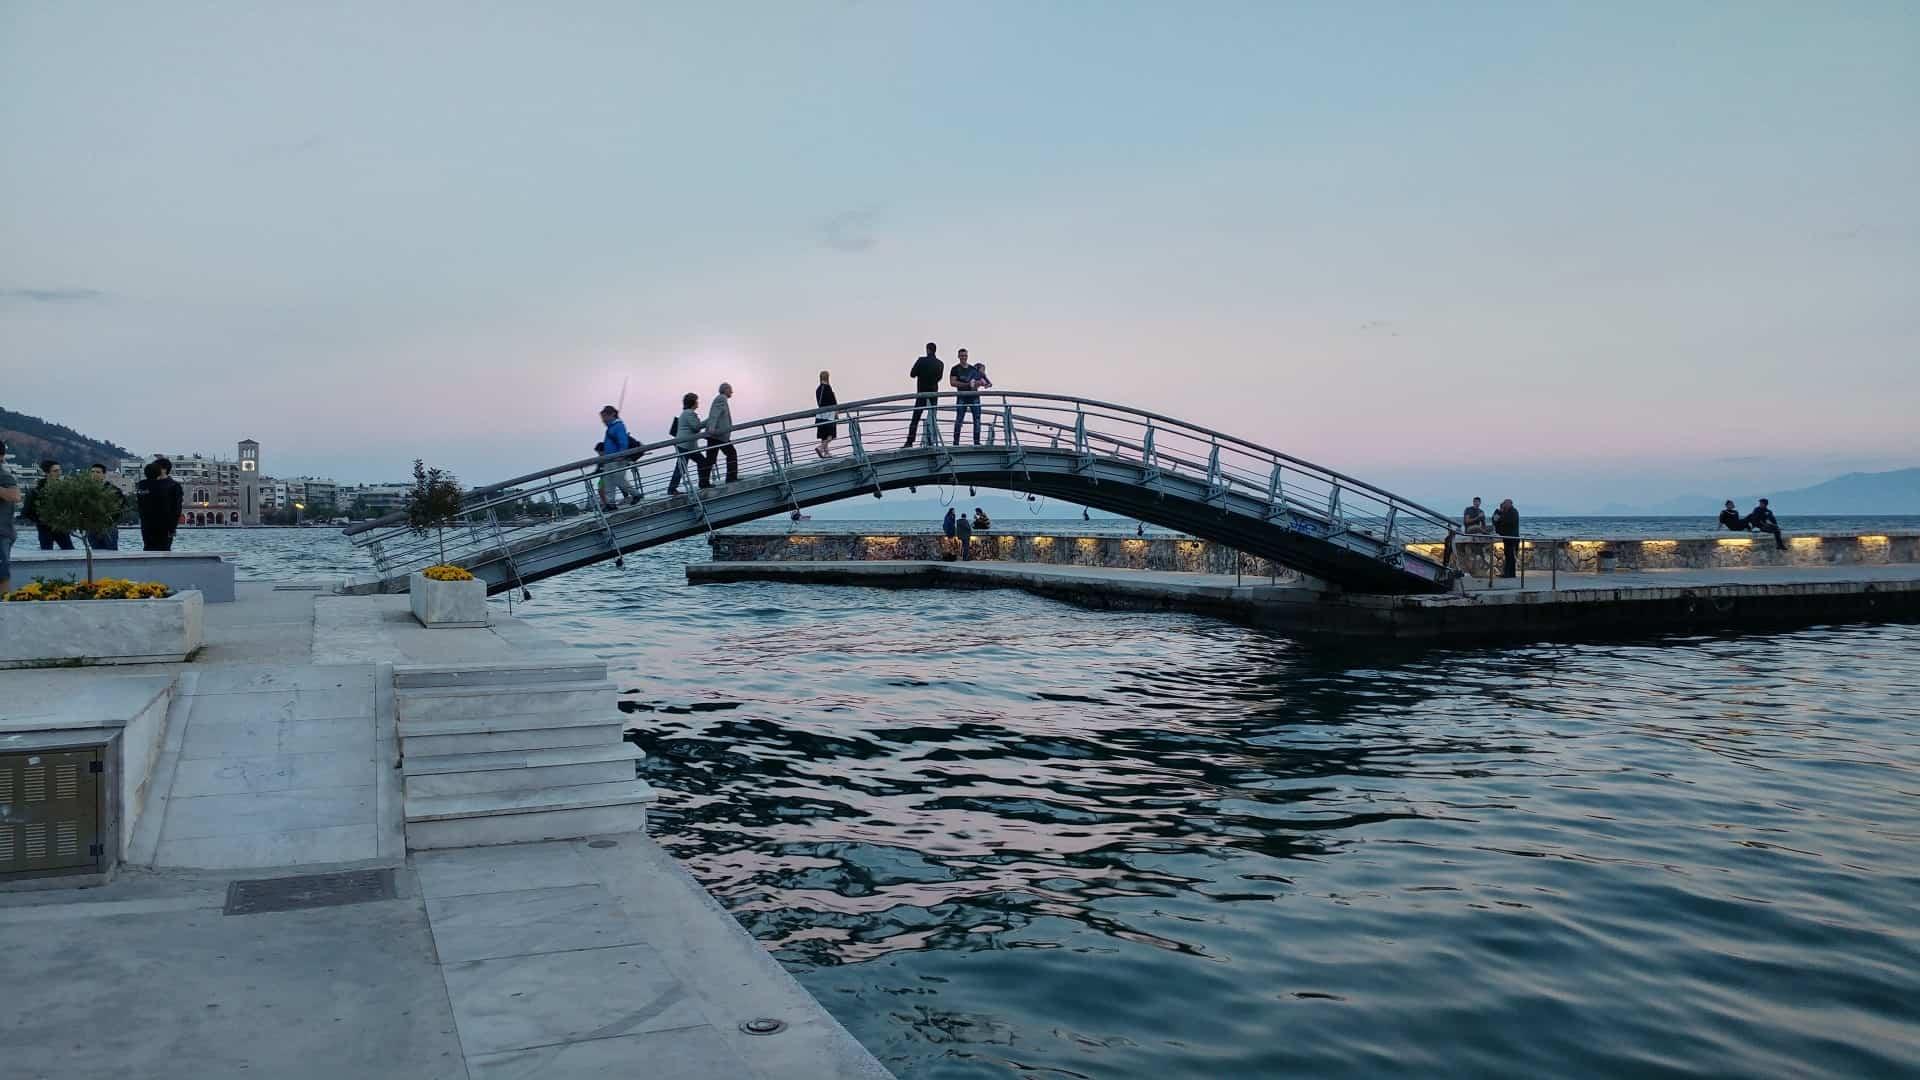 Βόλος η ομορφότερη πόλη της Ελλάδας